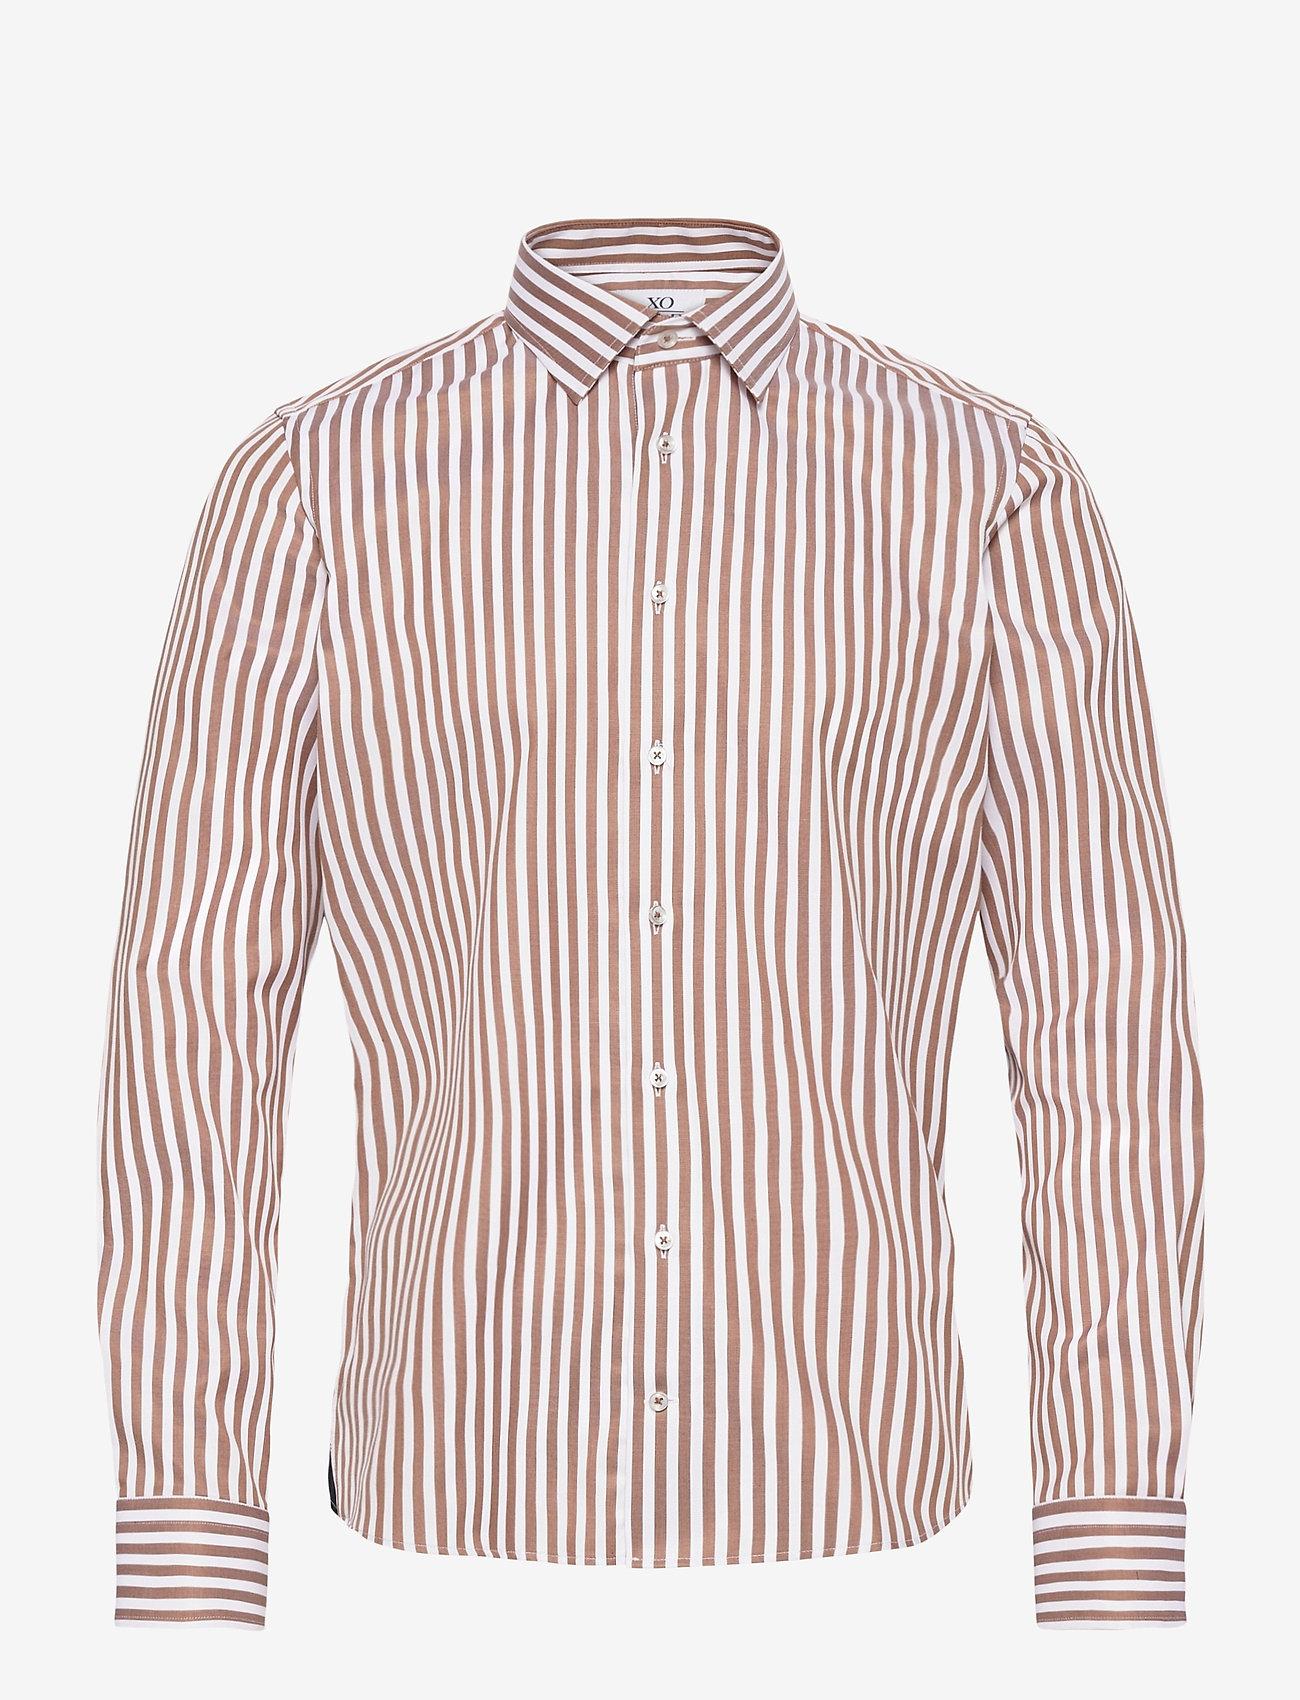 XO Shirtmaker by Sand Copenhagen - 8734 - Jake SC - business skjortor - light camel - 0